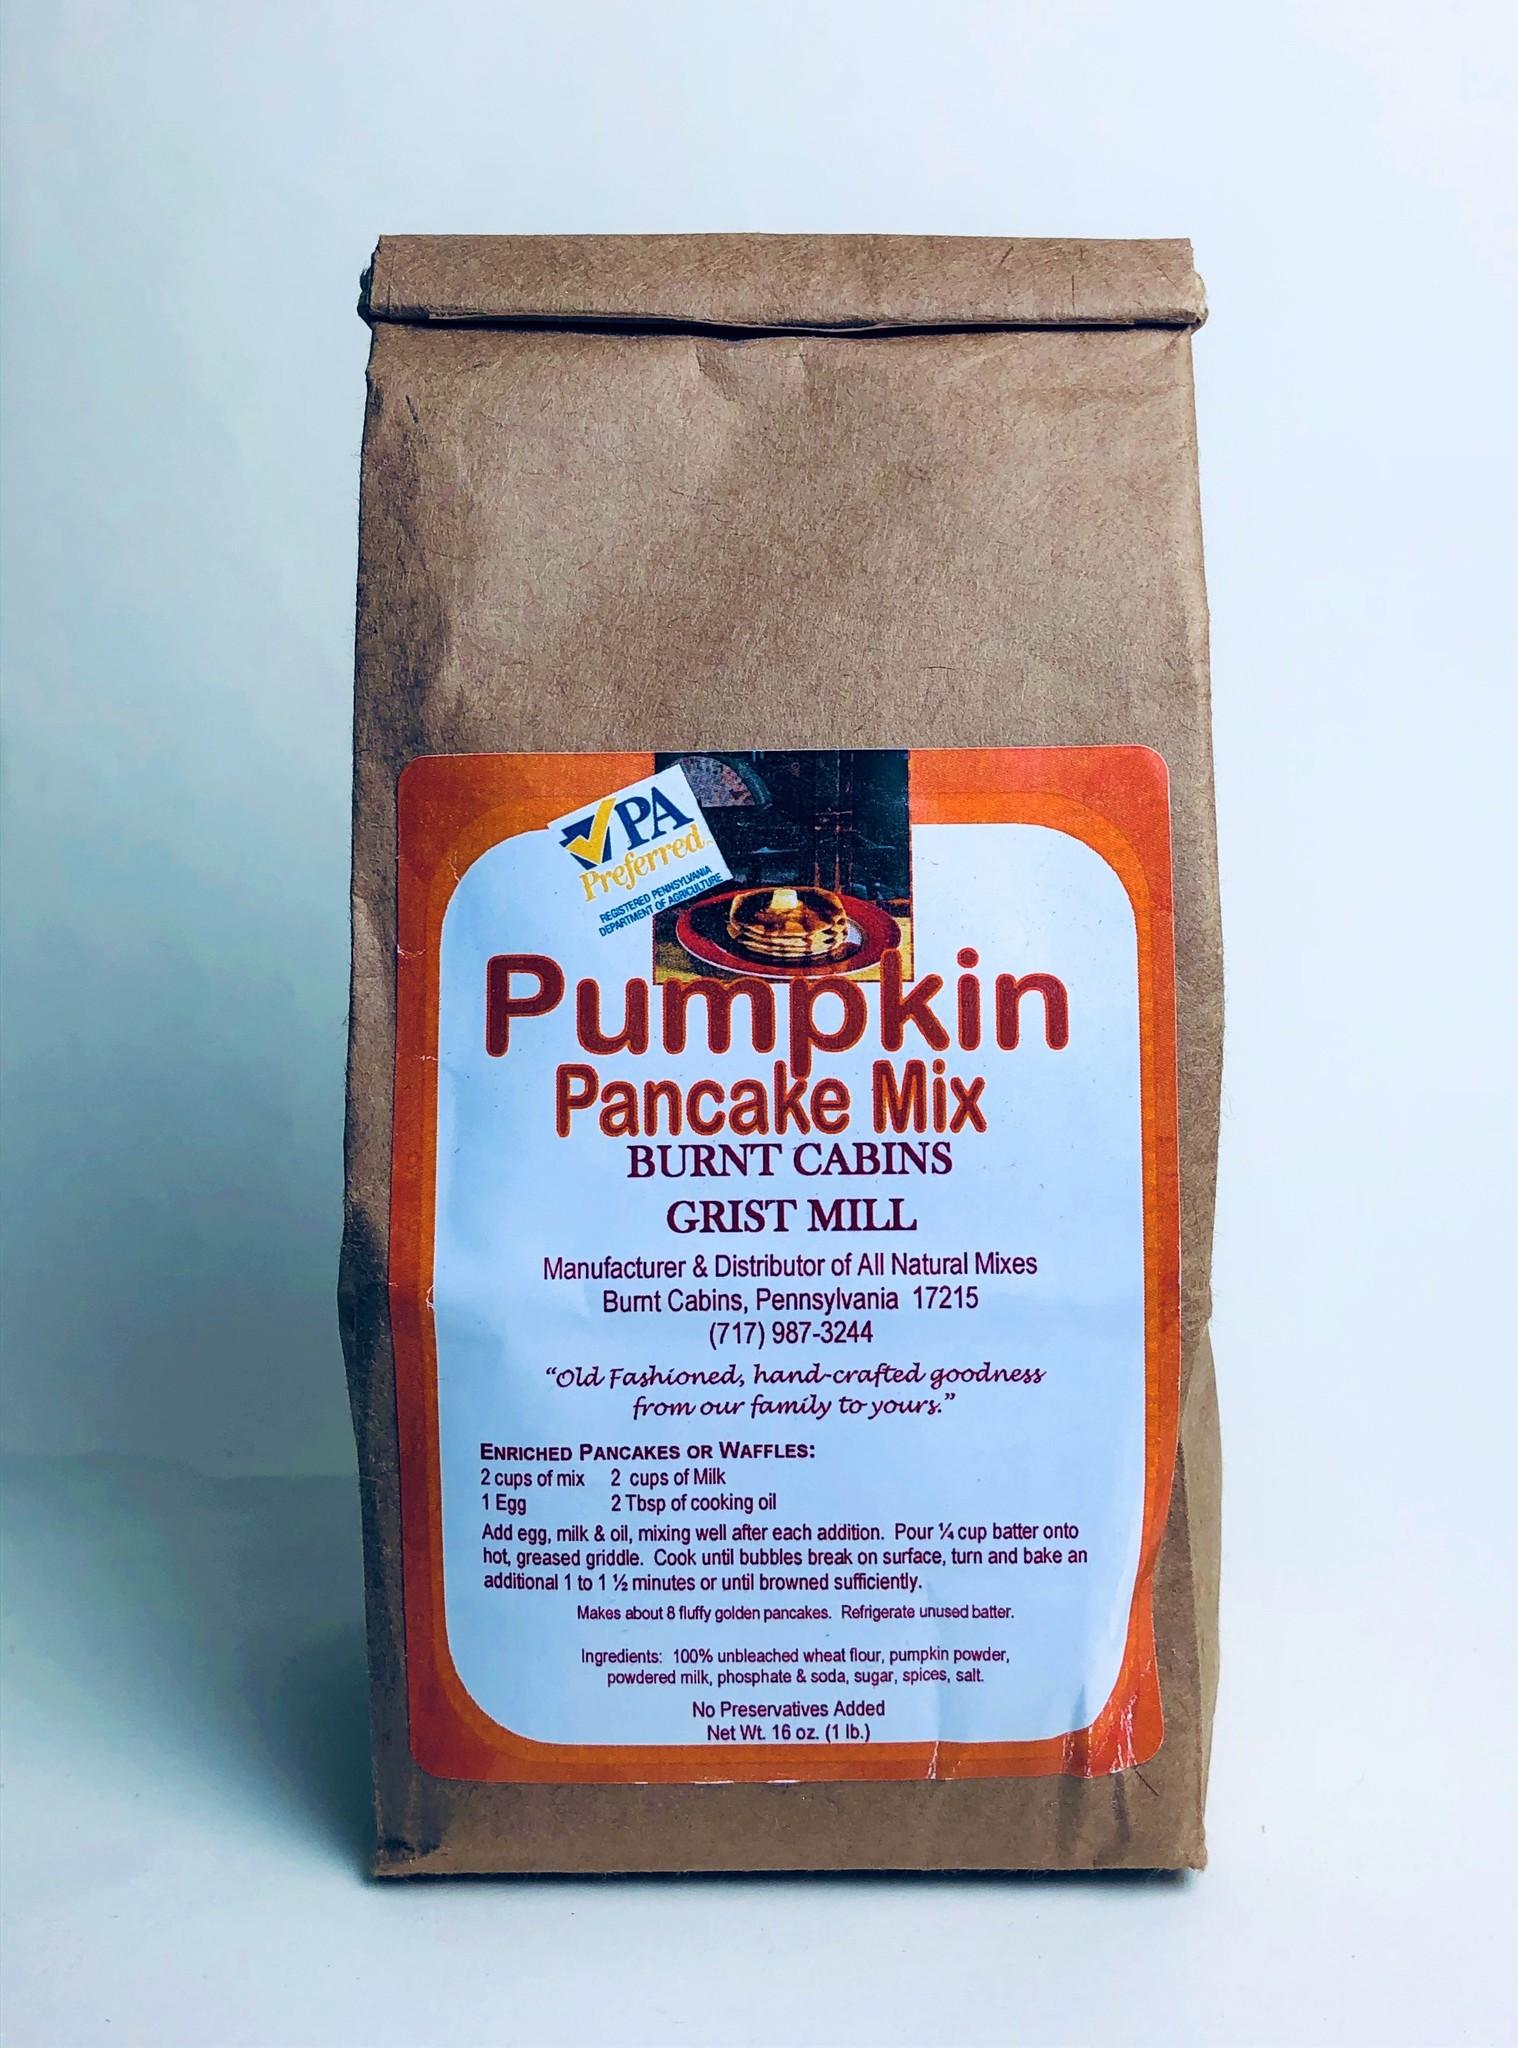 Burnt Cabins Grist Mill - Pumpkin Pancake Mix 1 lb.